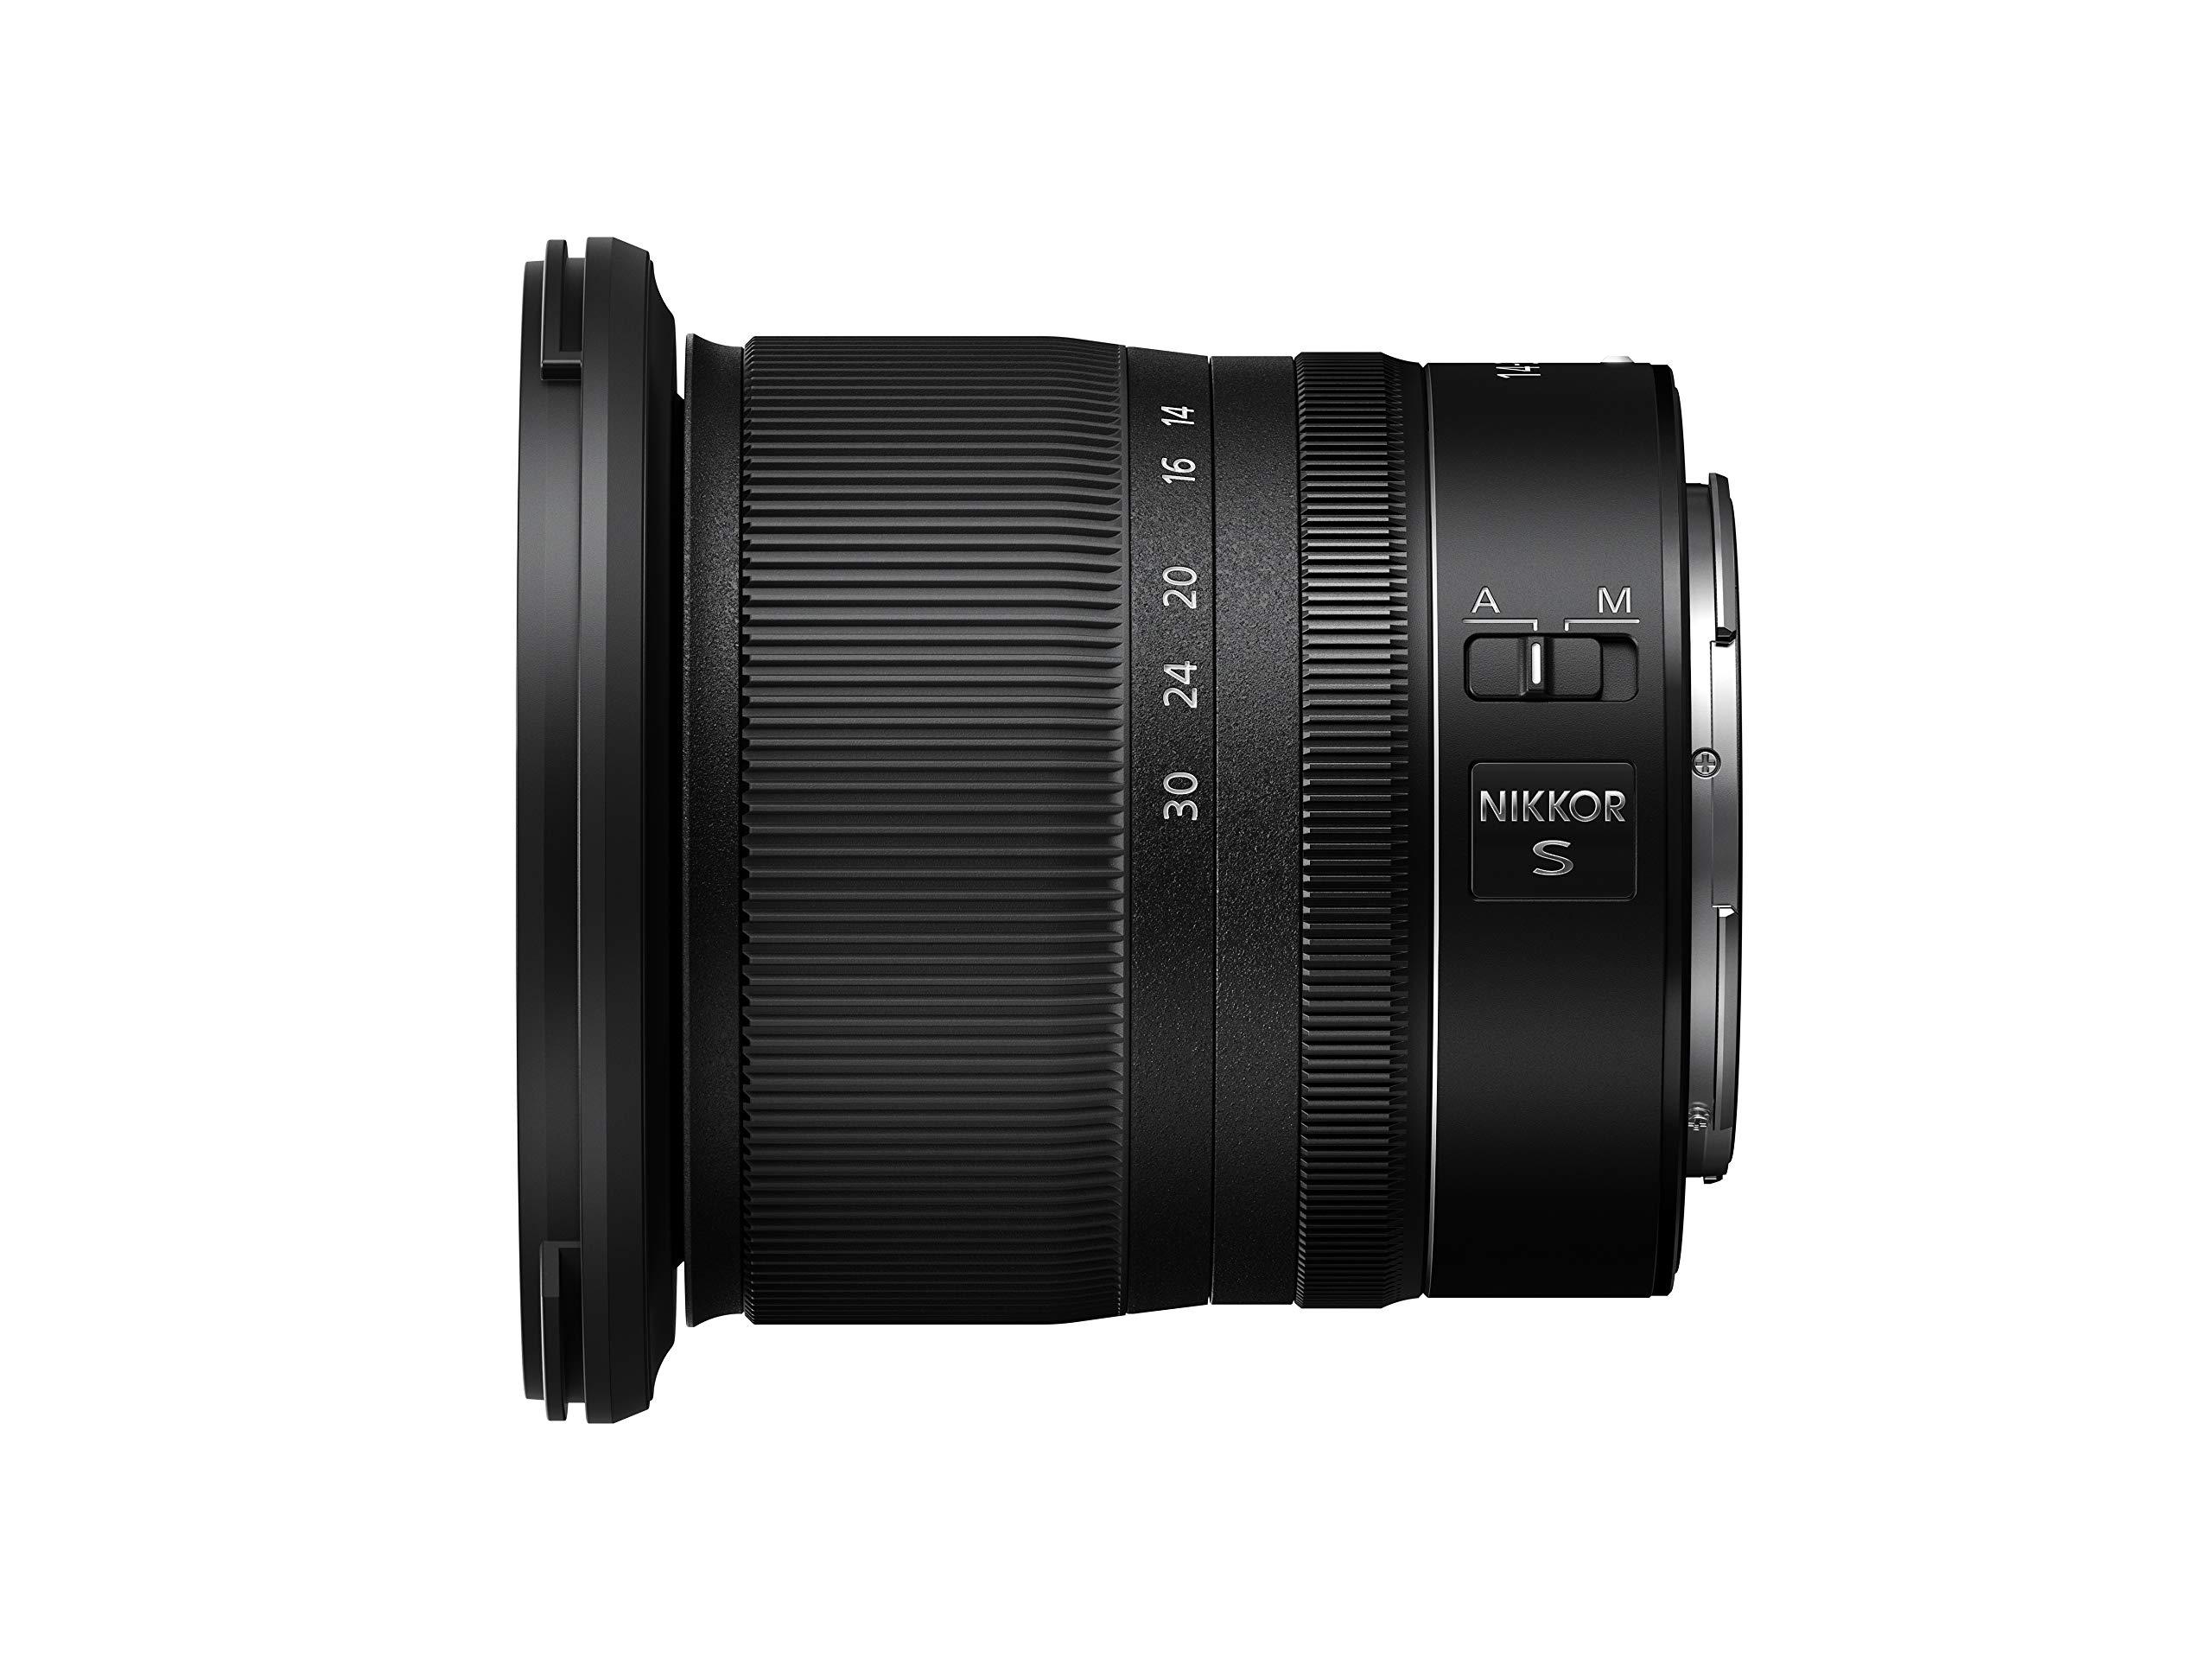 NIKKOR Z 14-30mm f/4 S by Nikon